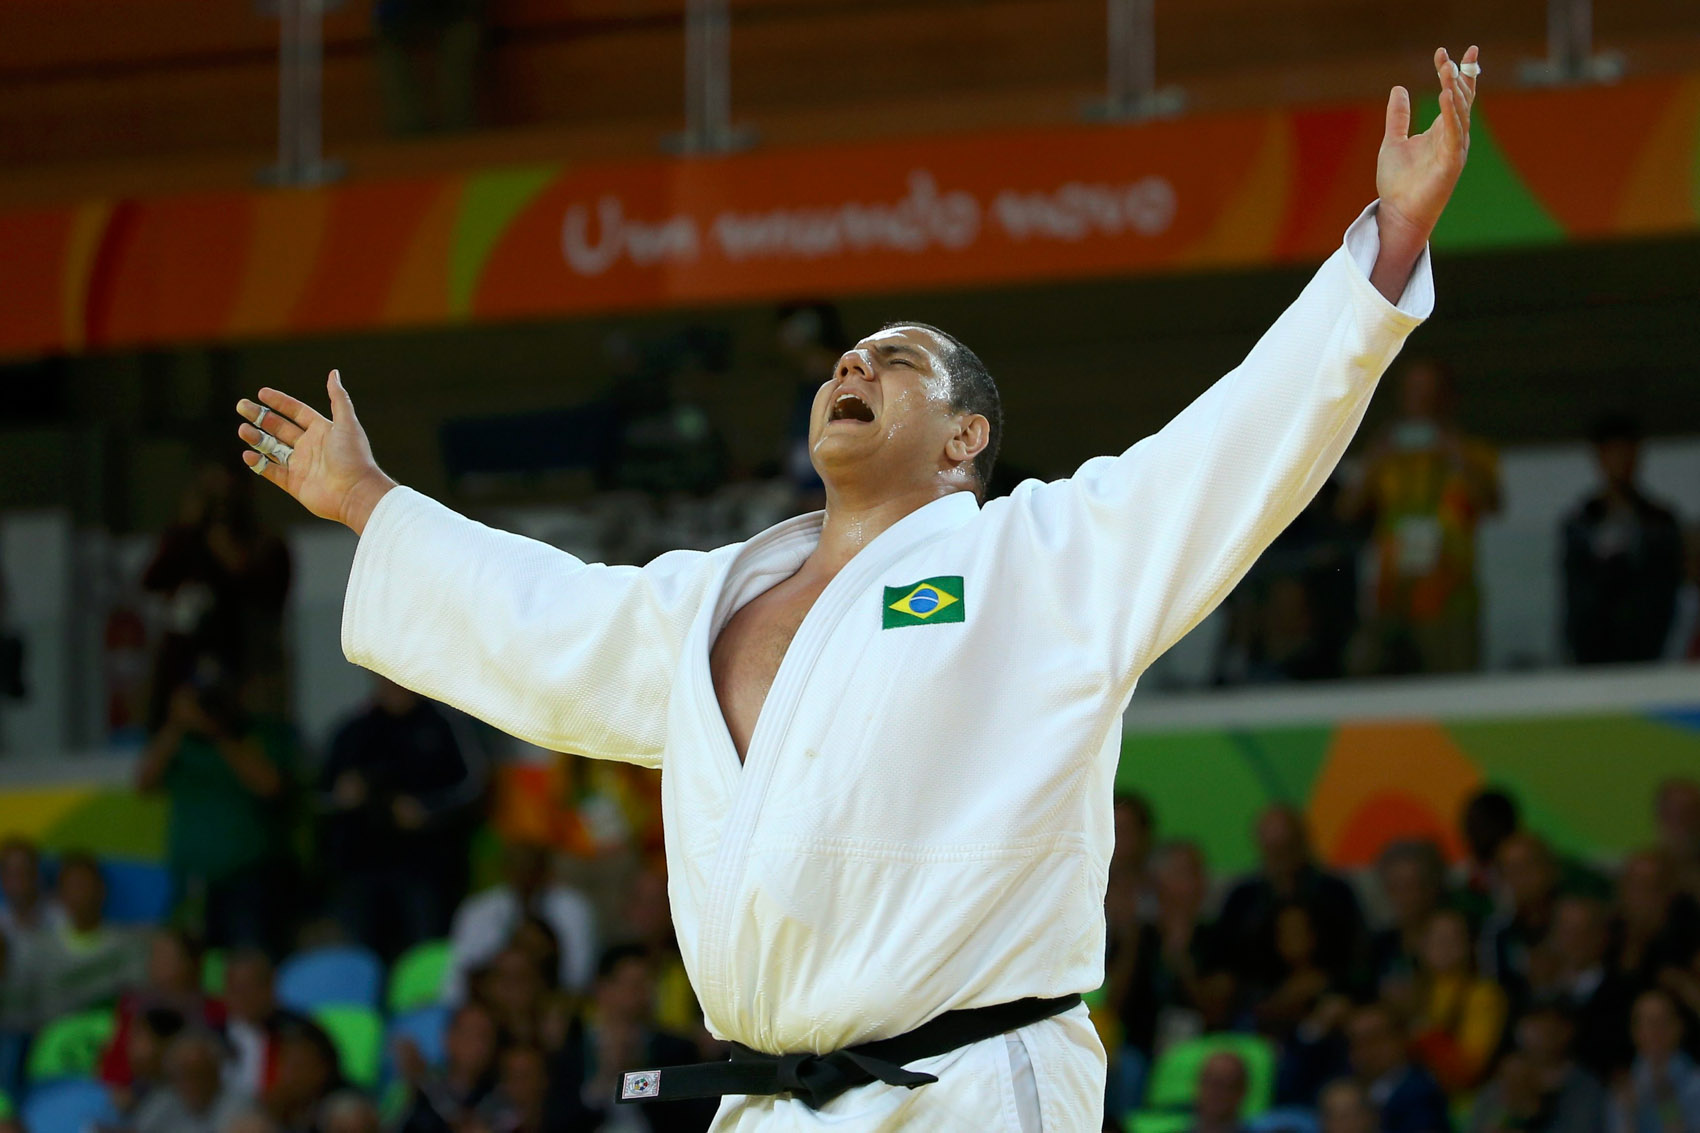 Rafael Silva comemora vitória que garantiu a medalha de bronze no judô, categoria acima de 100kg, nos Jogos Olímpicos Rio 2016